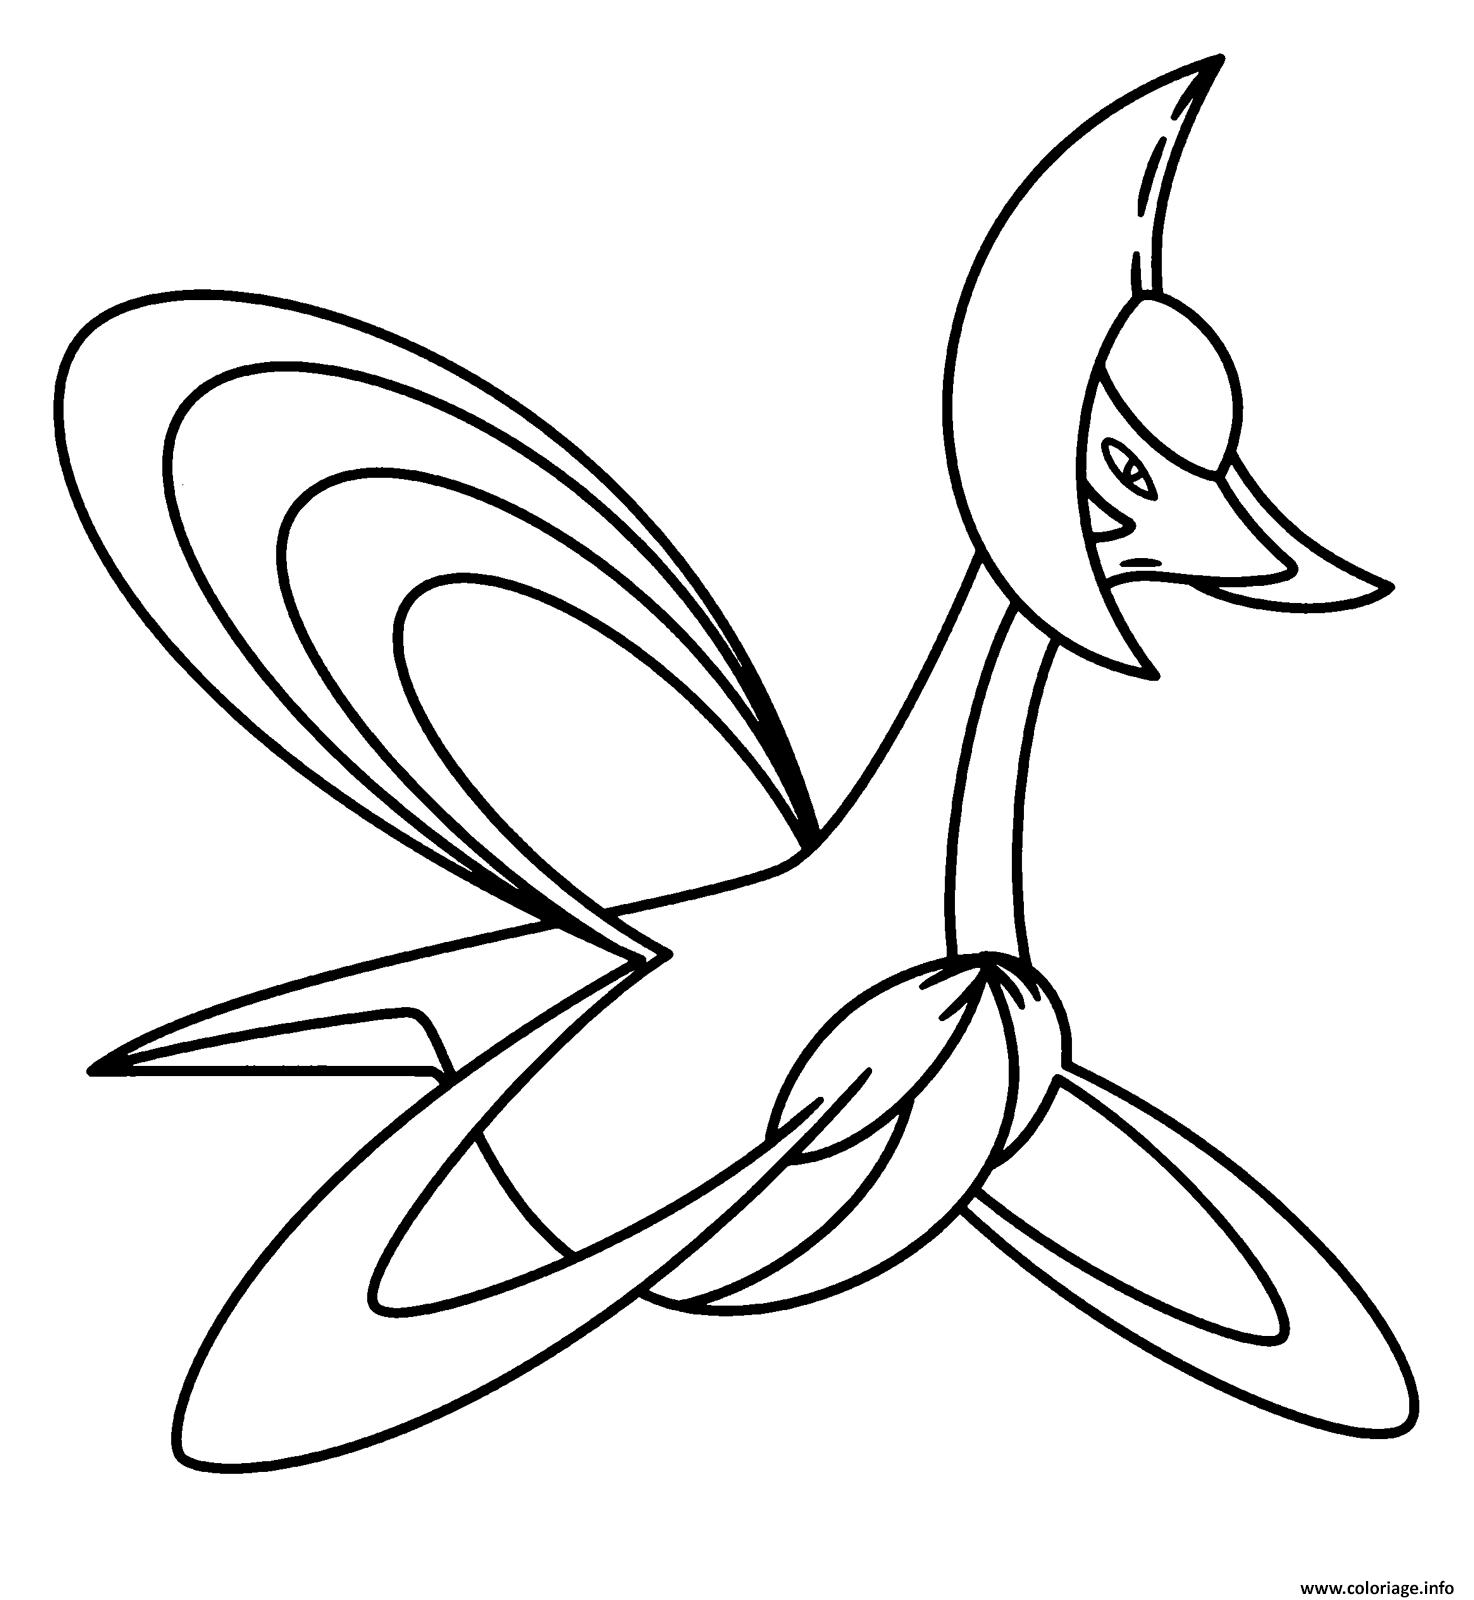 Meilleur De Coloriage De Pokemon Legendaire A Imprimer Gratuitement